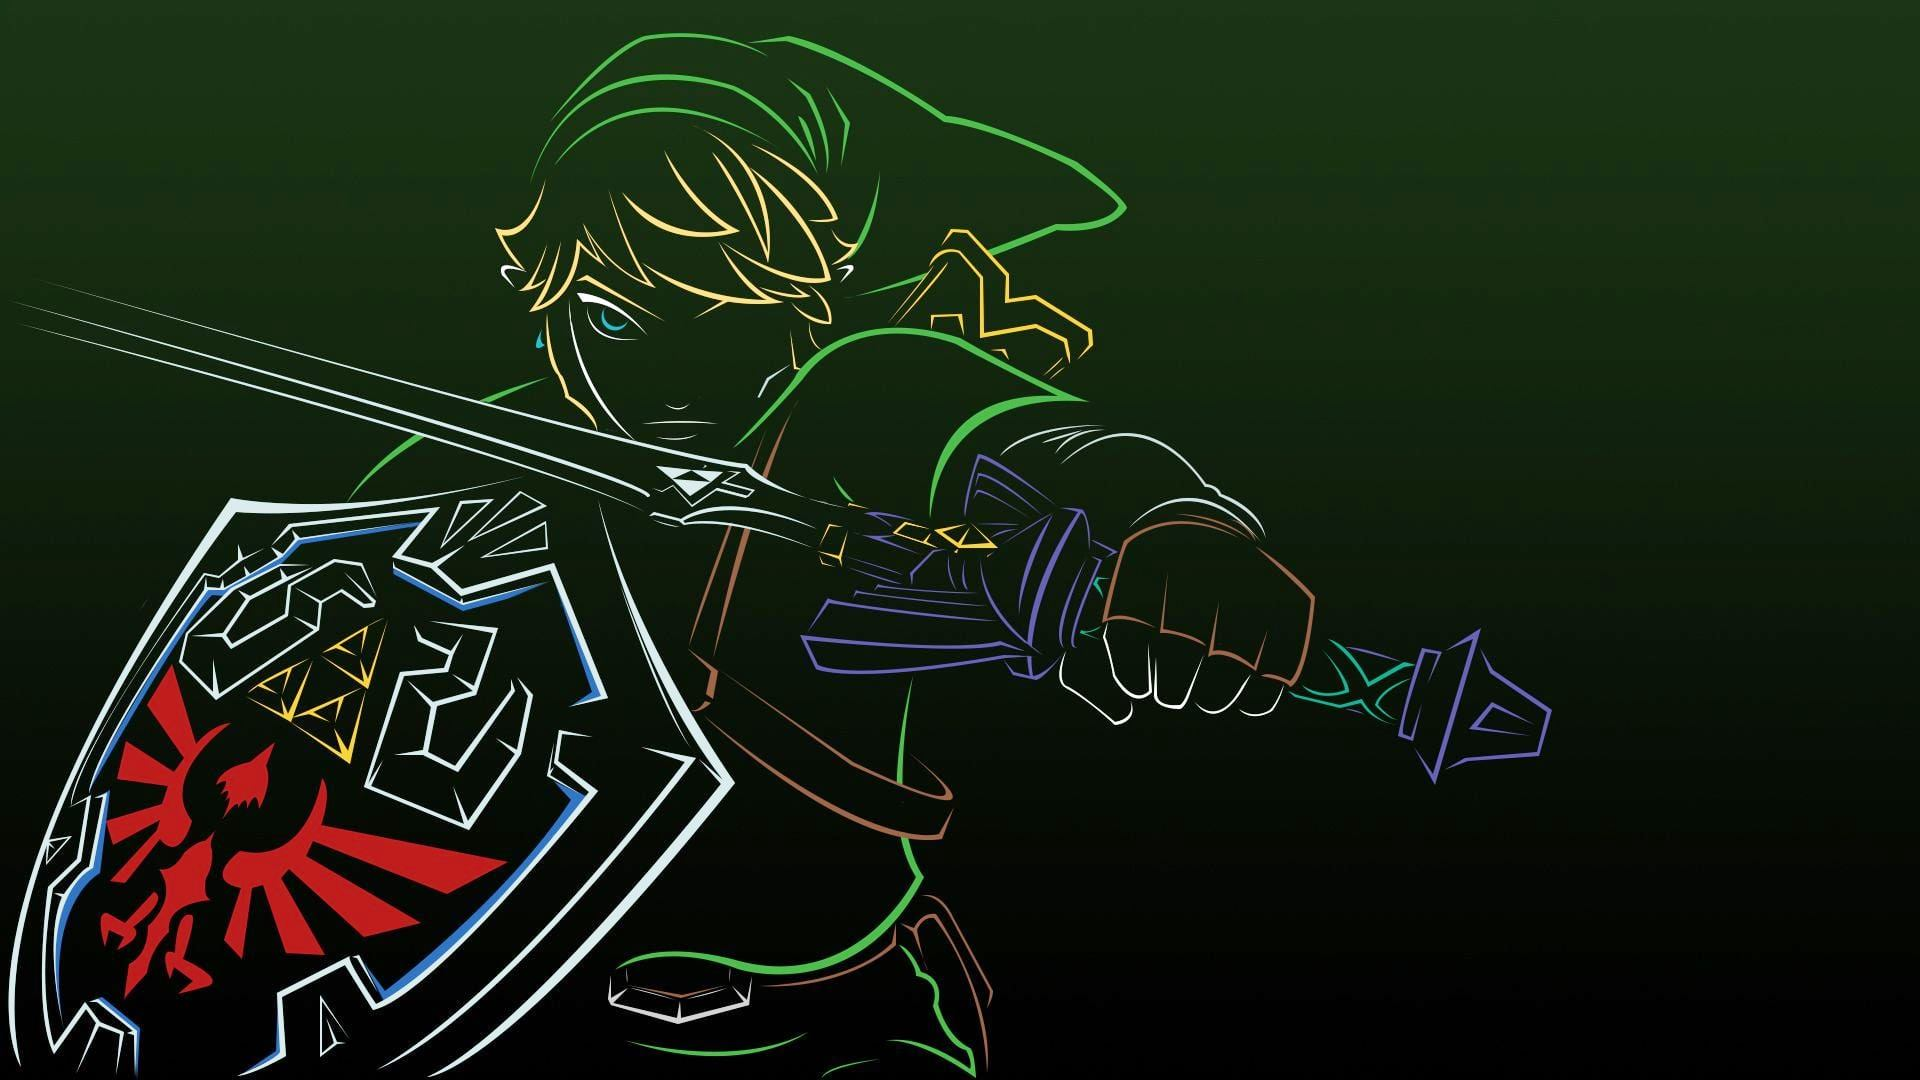 1920x1080 The Legend Of Zelda Vector